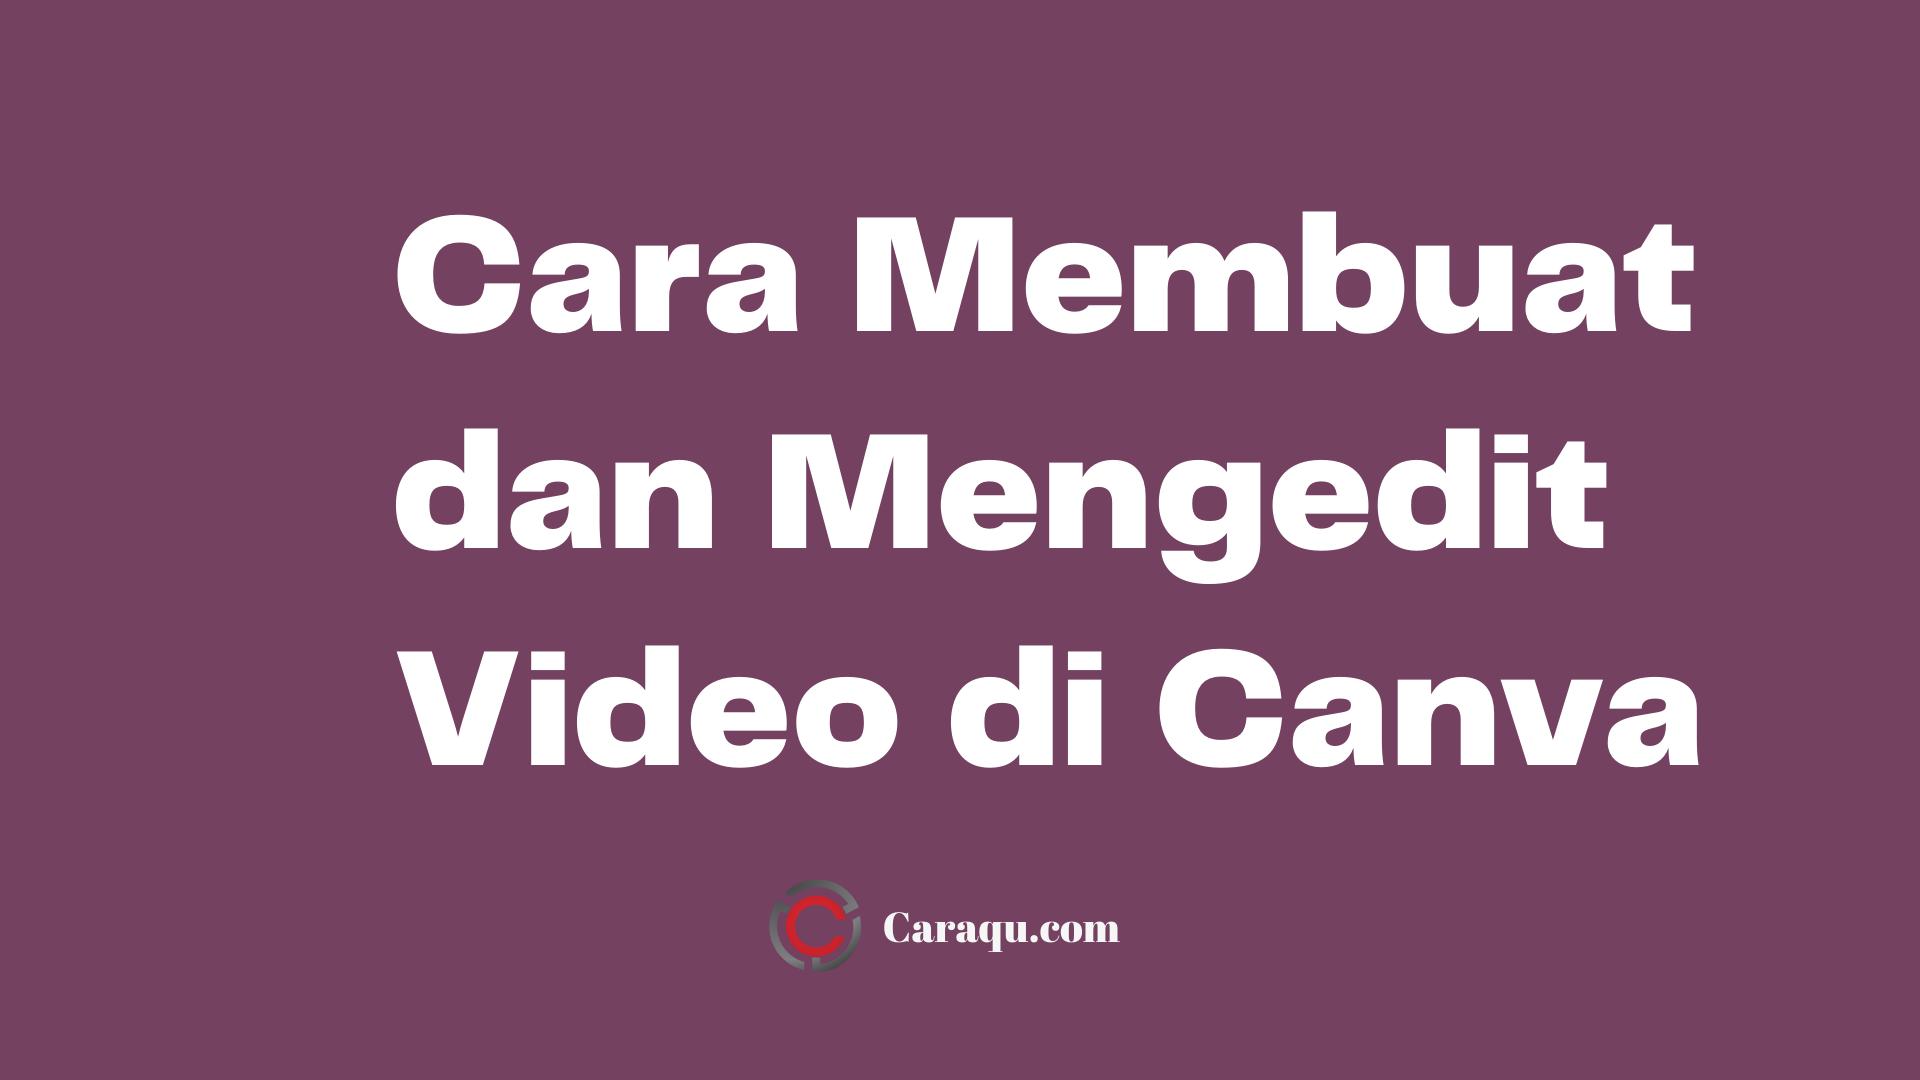 Cara Membuat dan Mengedit Video di Canva